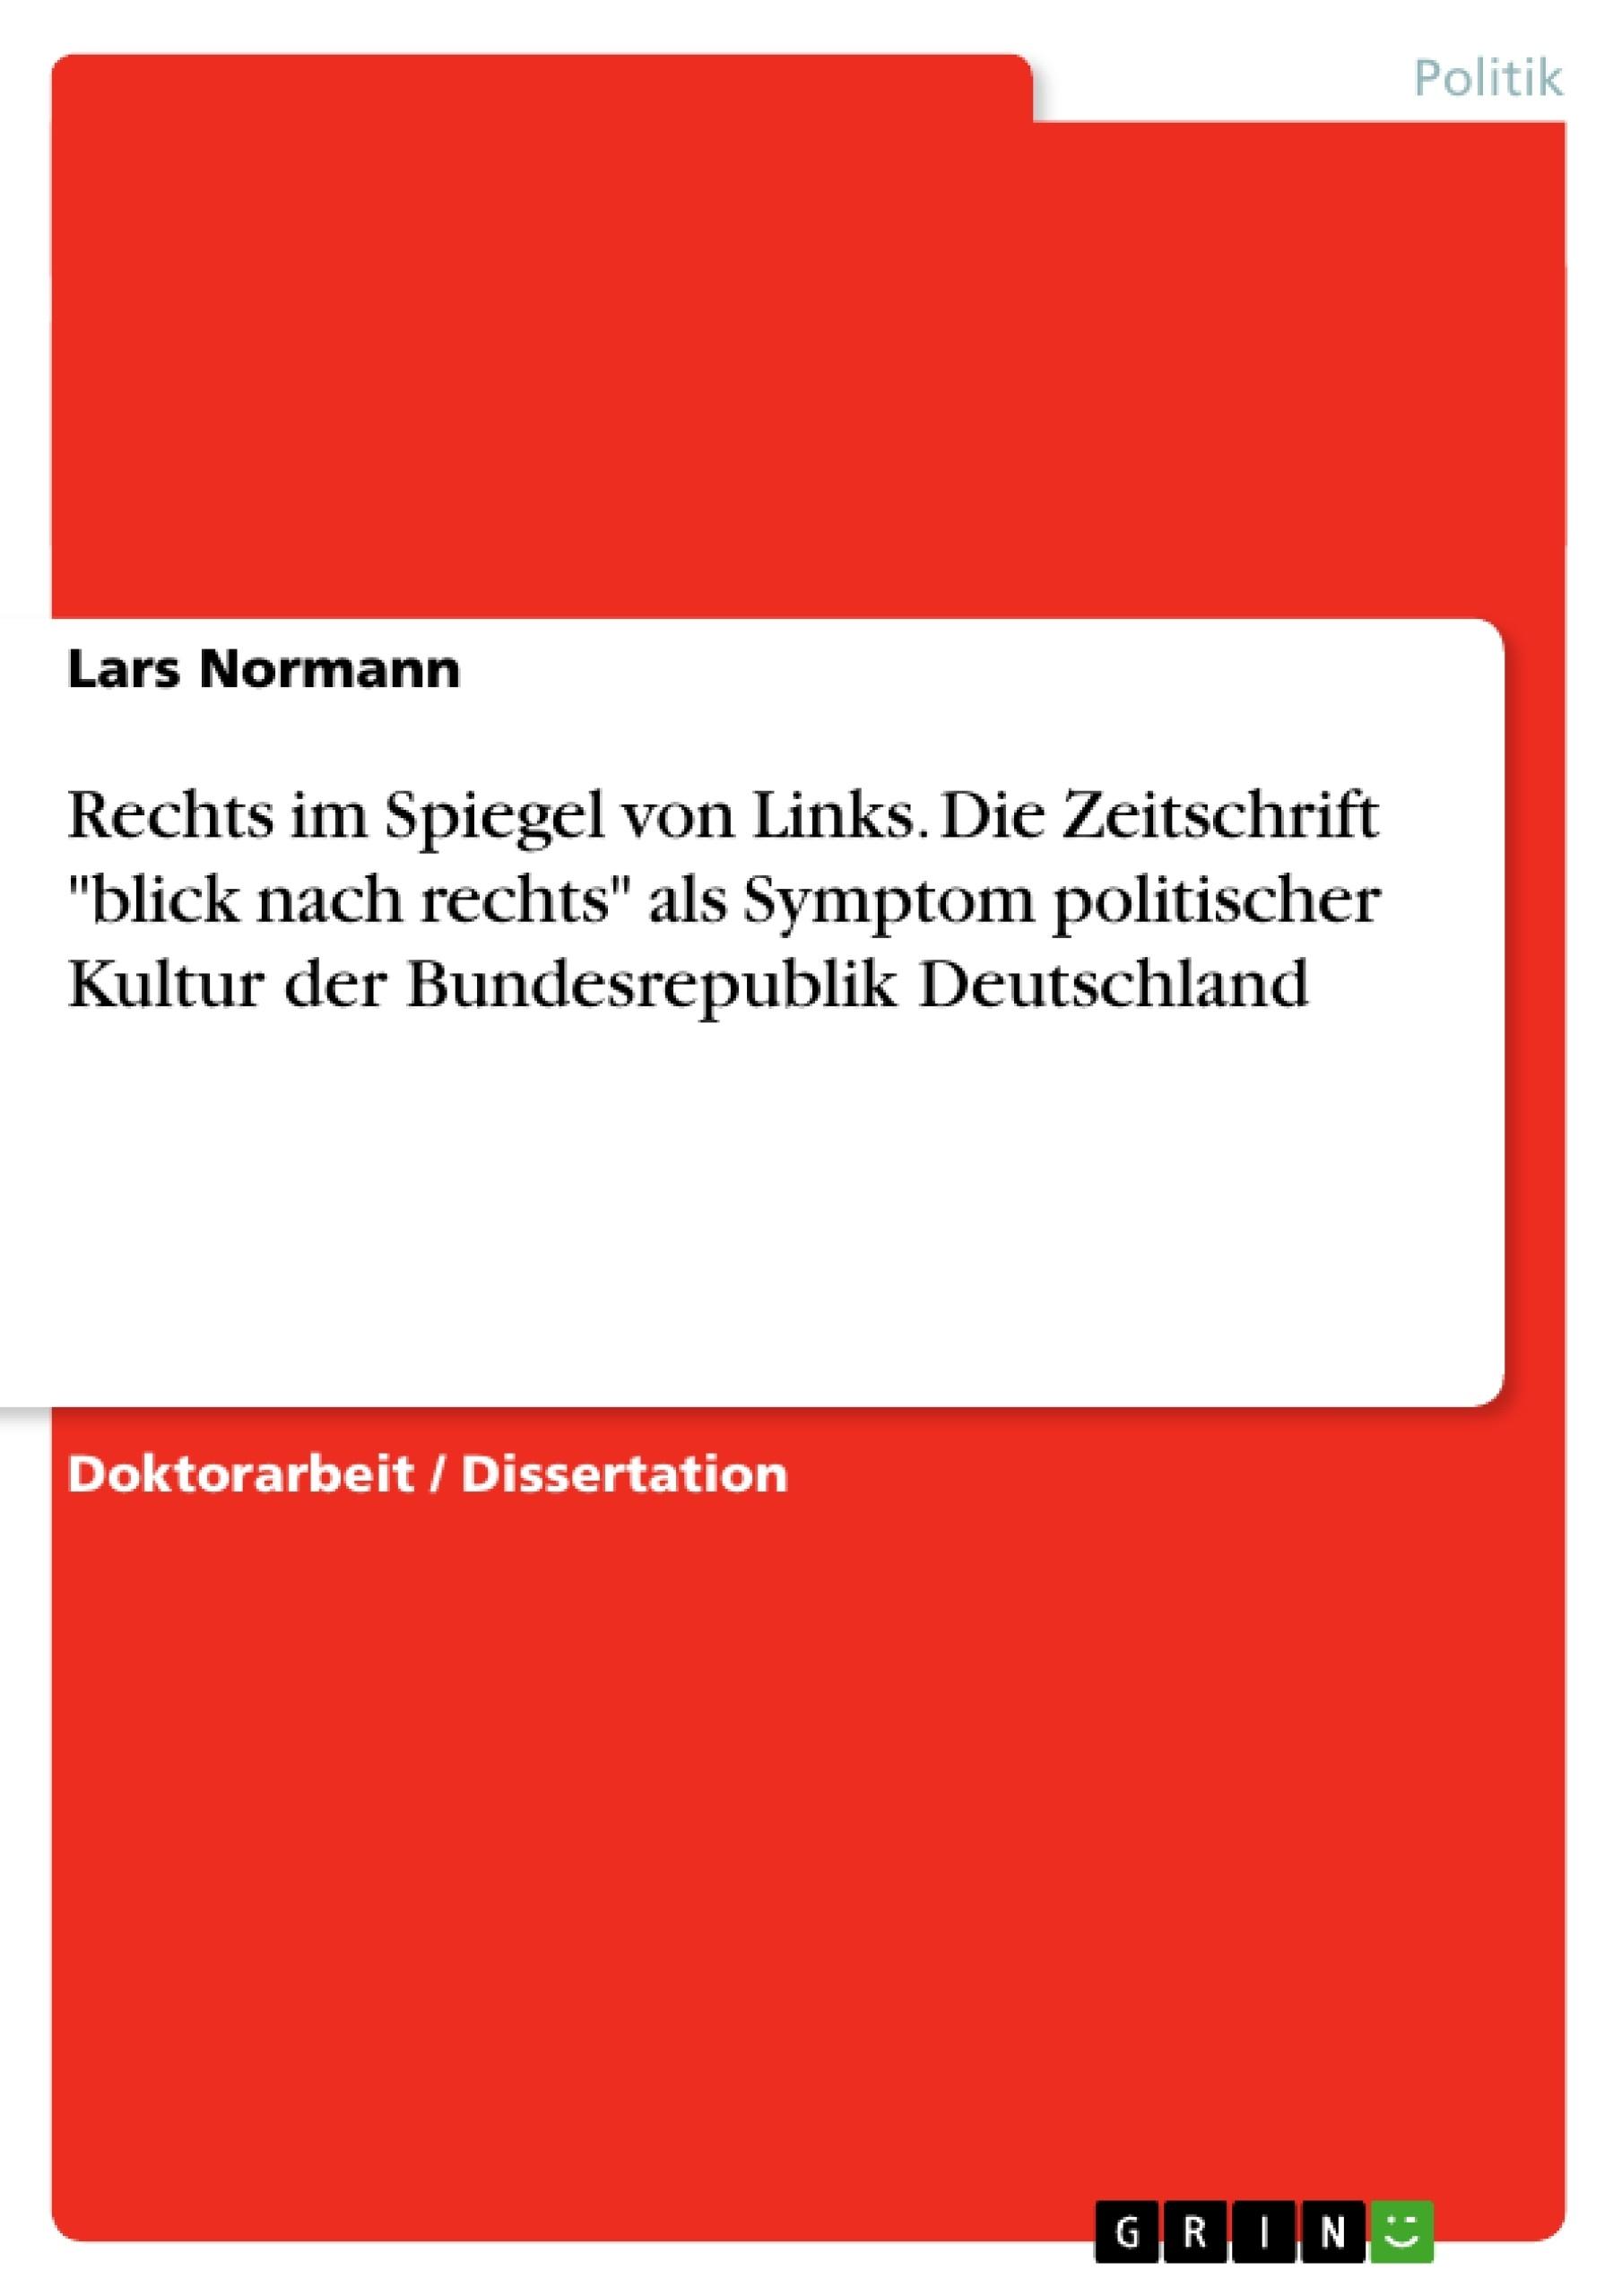 """Titel: Rechts im Spiegel von Links. Die Zeitschrift """"blick nach rechts"""" als Symptom politischer Kultur der Bundesrepublik Deutschland"""